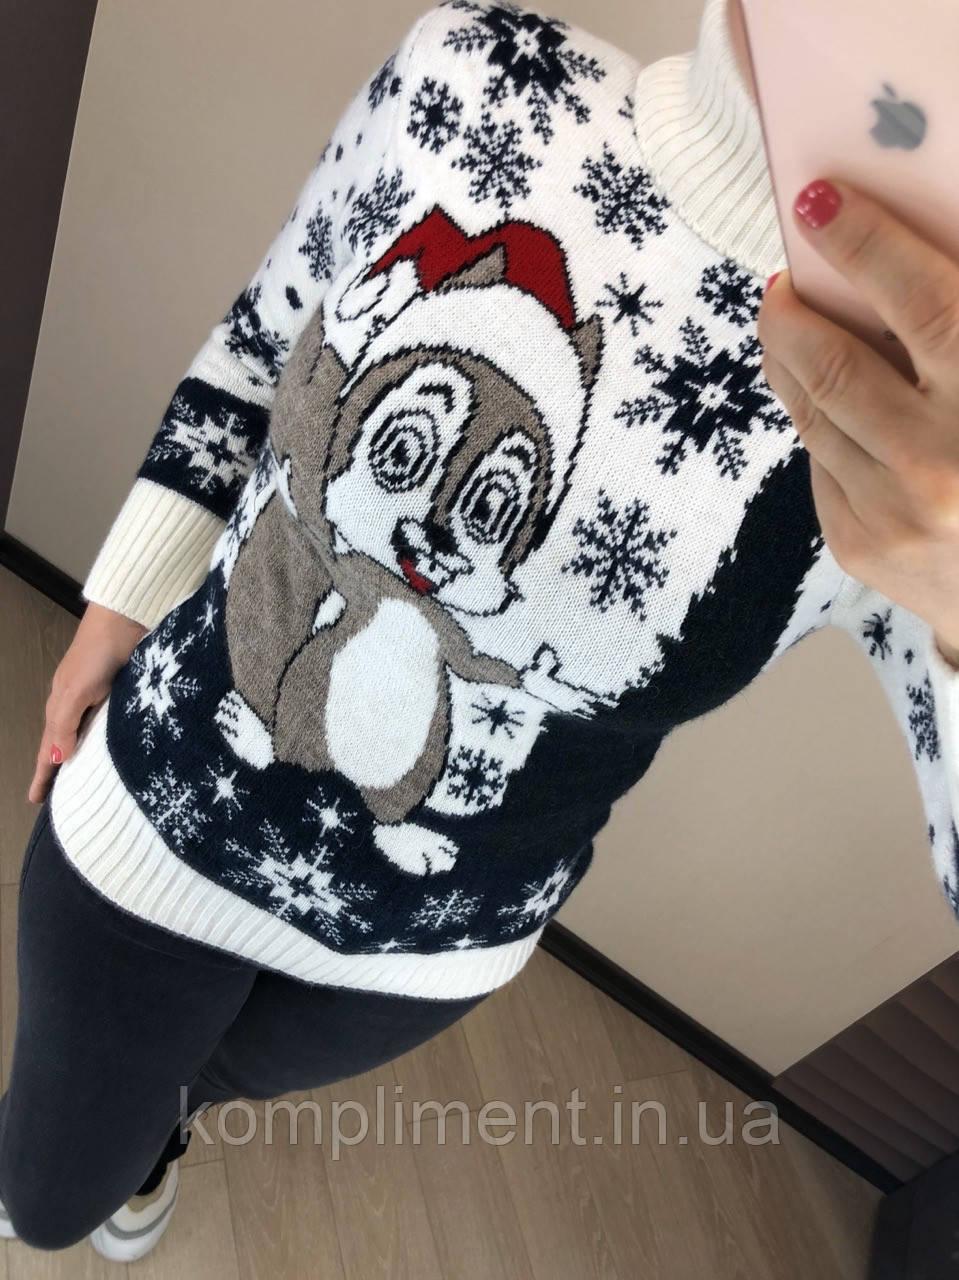 Жіночий в'язаний шерстяний светр з малюнком білка, білий